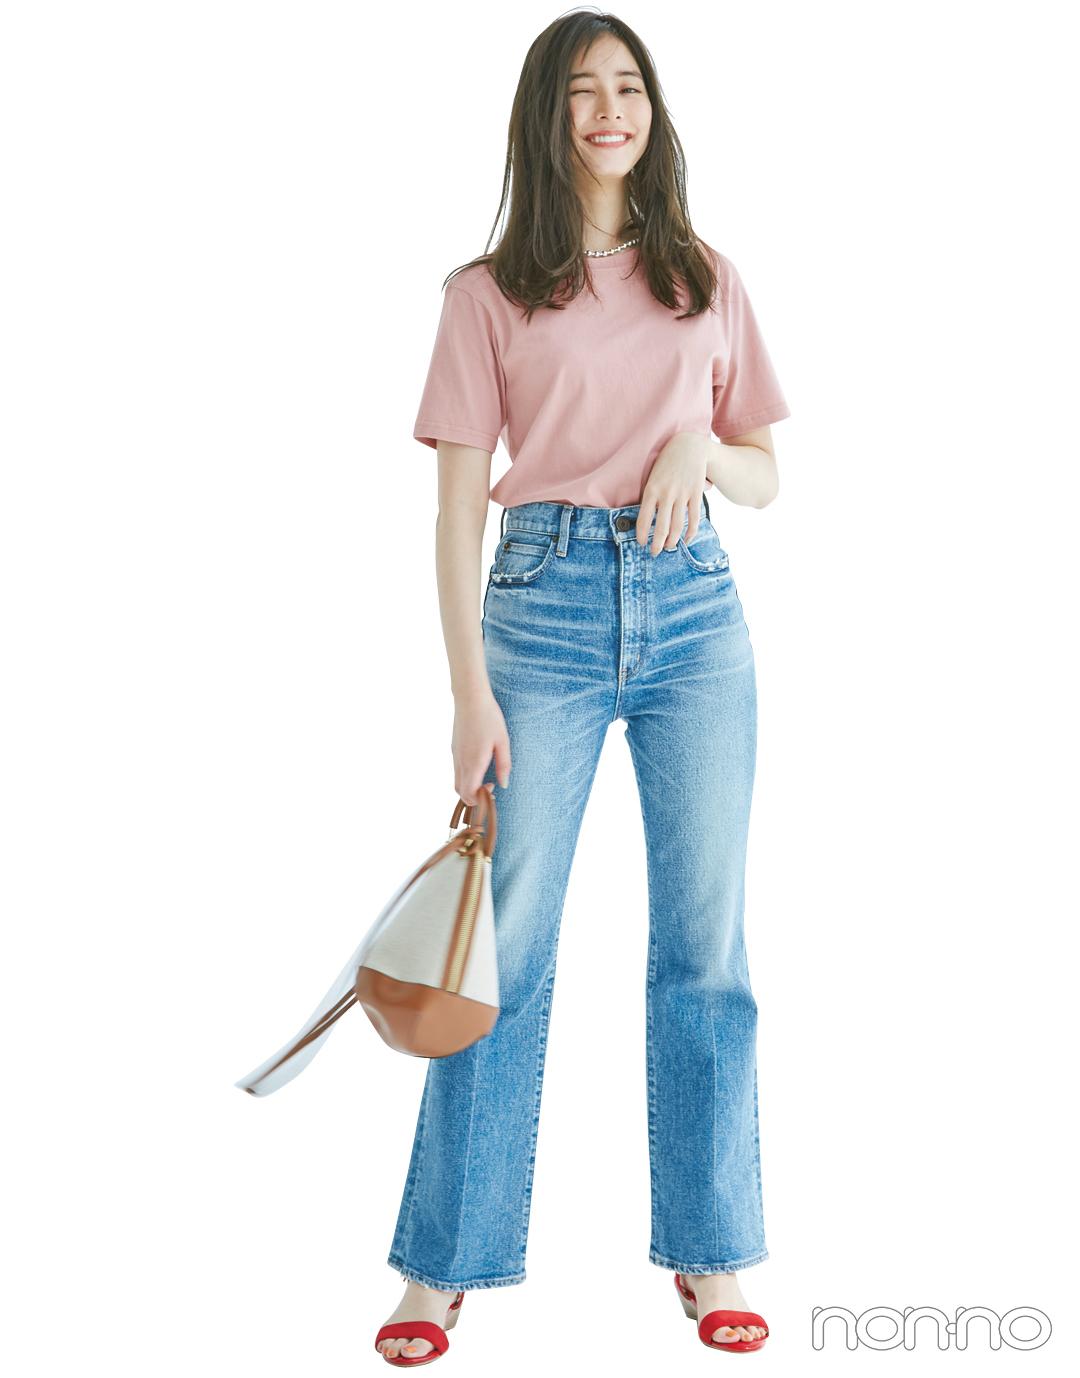 くすみピンクのTシャツ、今買ってもこれだけ着倒せる! 最新コーデ4選★_1_3-4